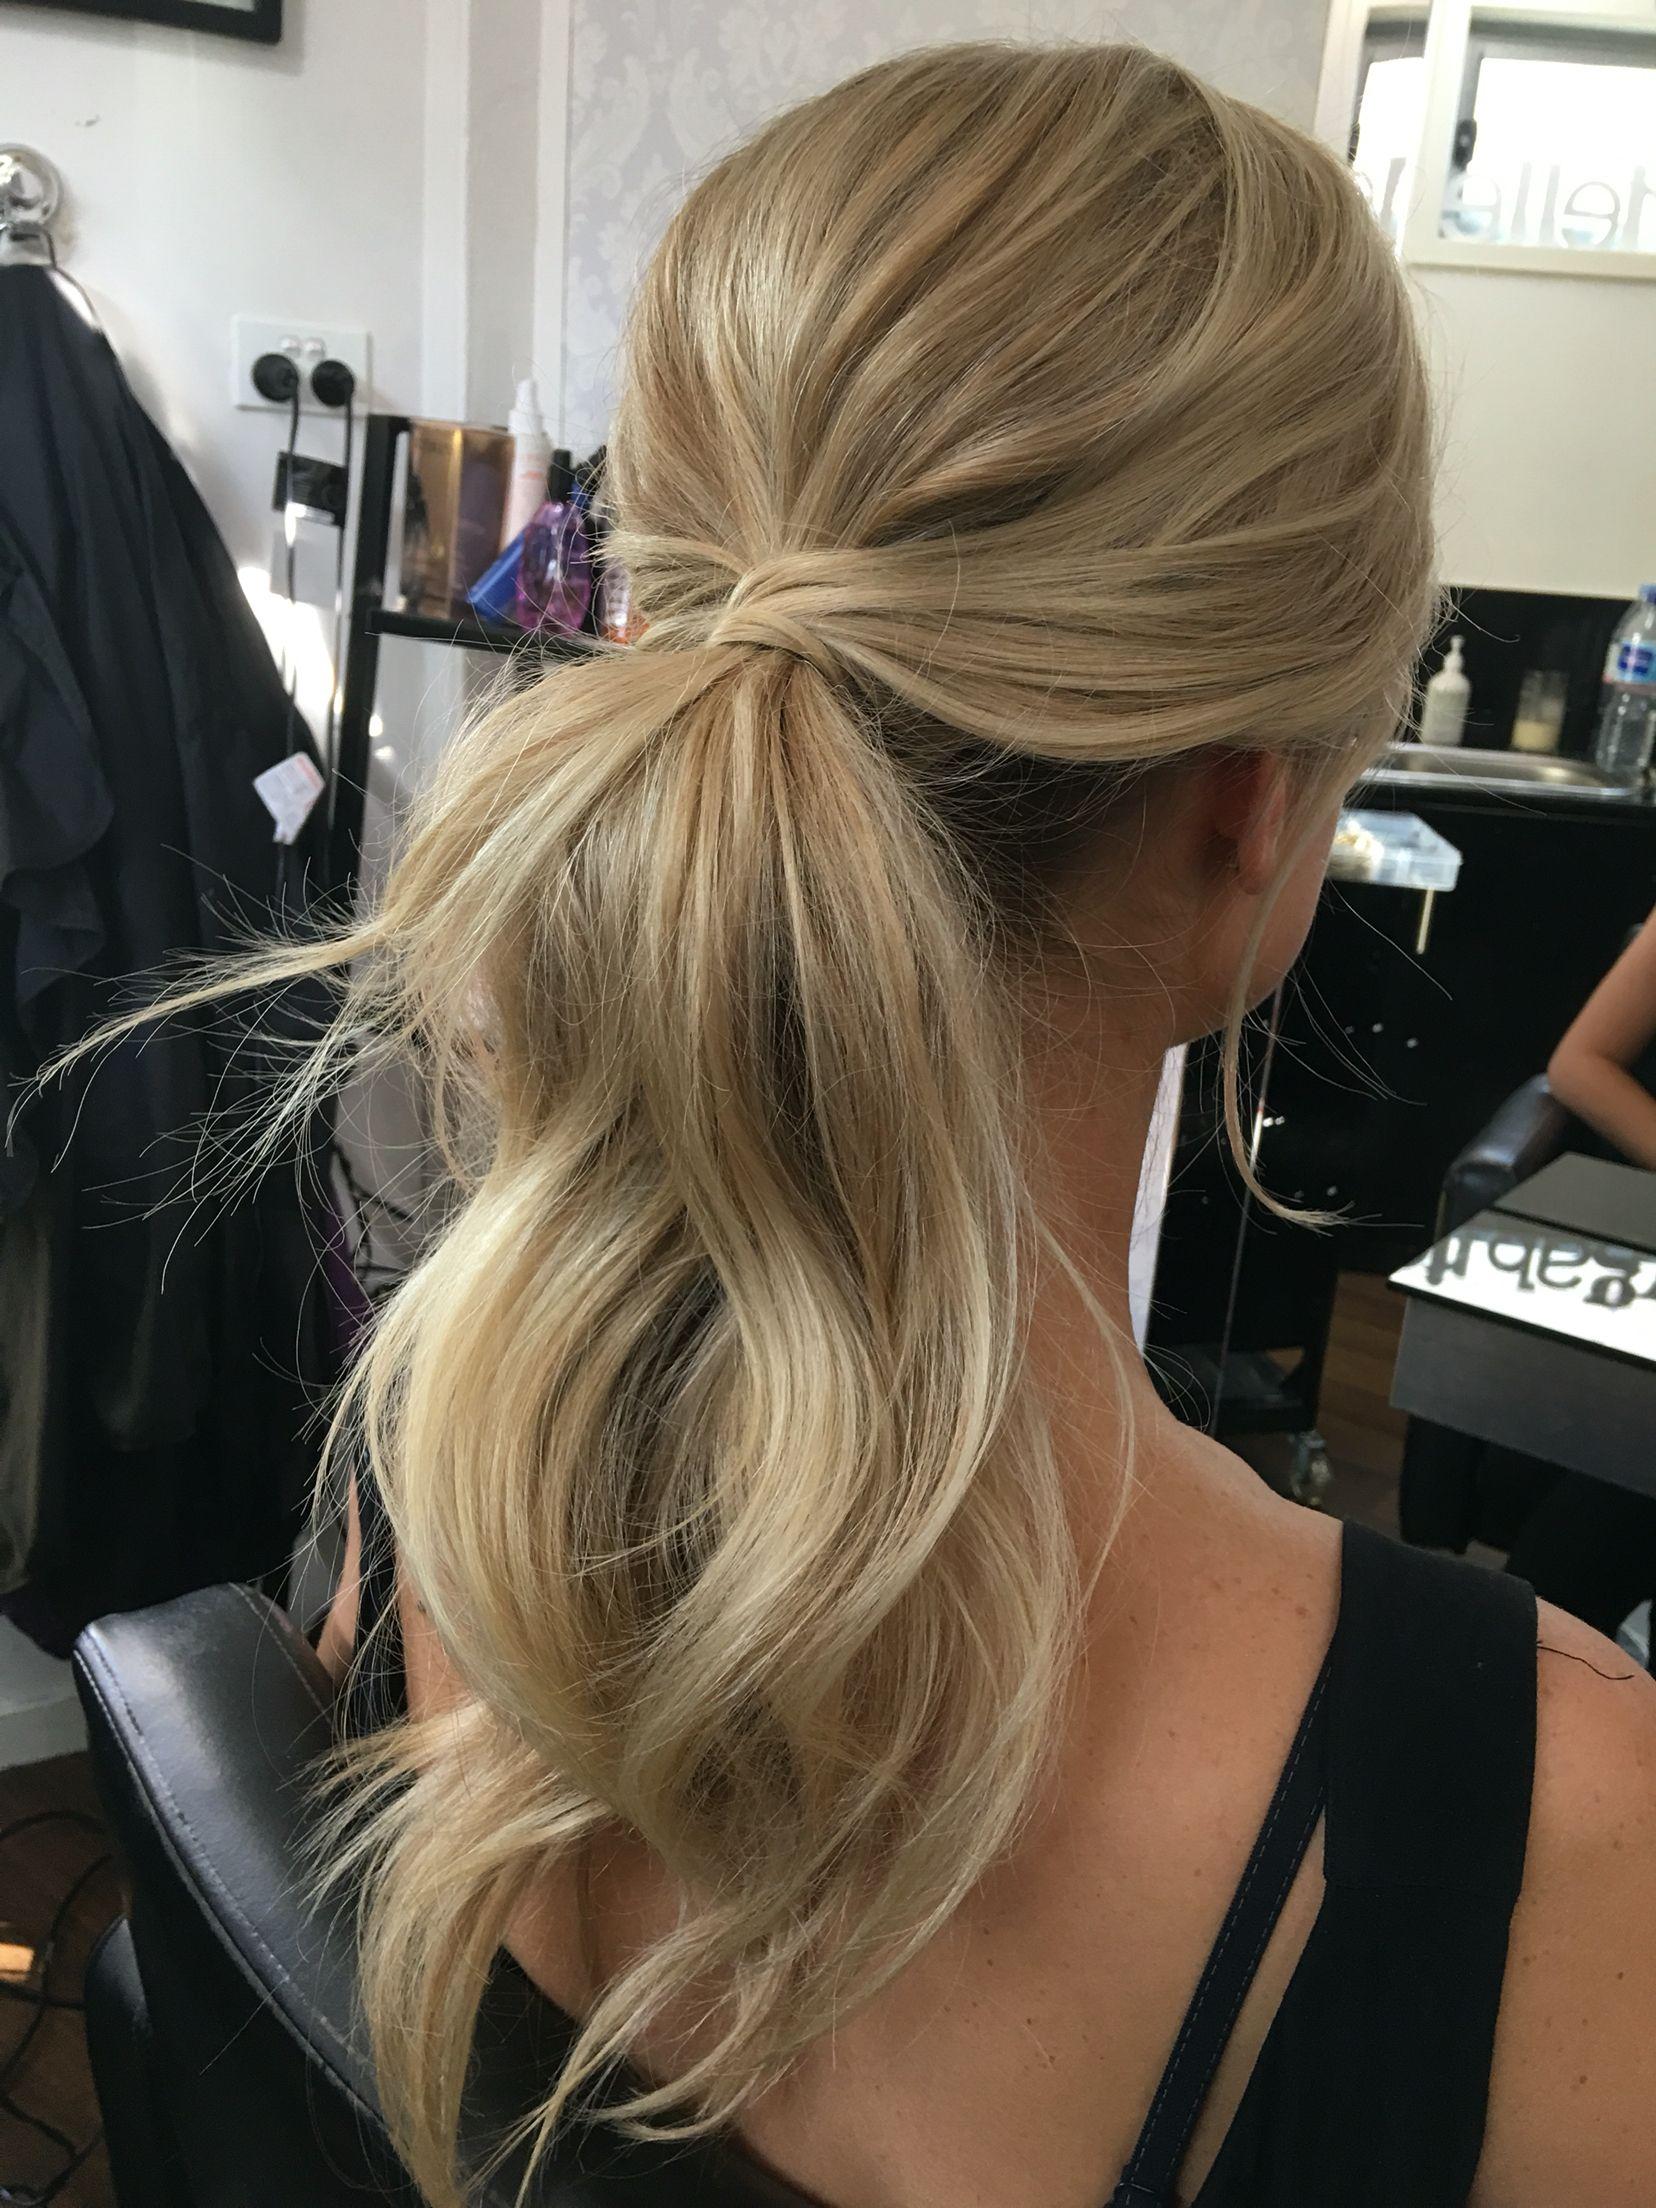 wedding hairstyles | wedding hairstyles | hair styles, long